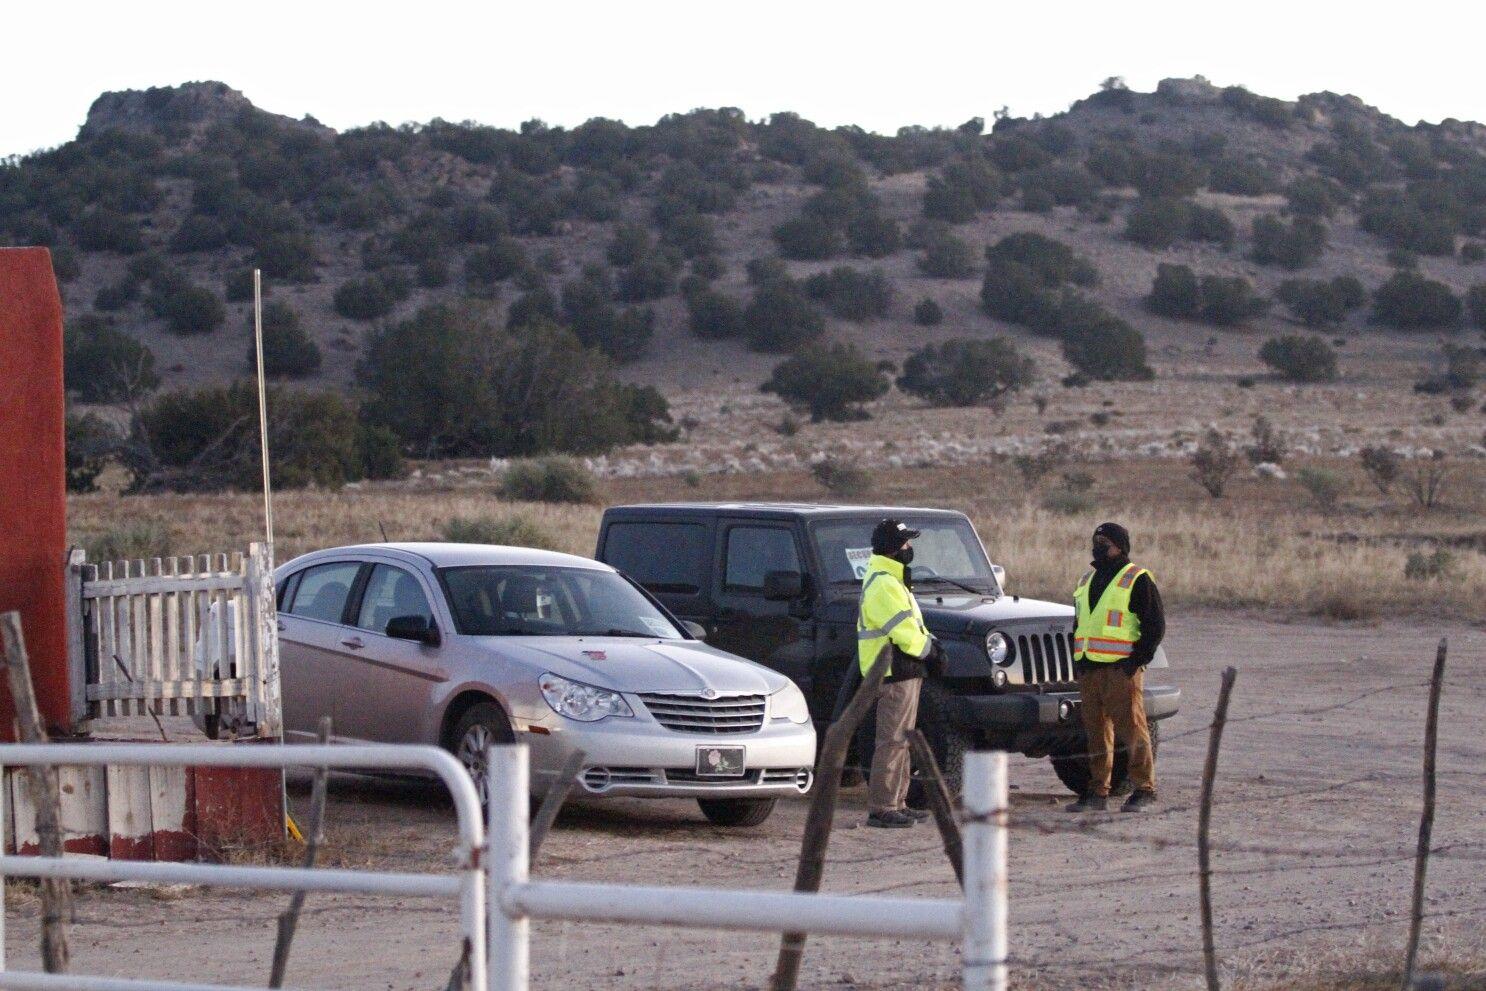 Personal de seguridad en la entrada de un set de filmación donde la policía dice que el actor Alec Baldwin disparó una pistola de utilería, matando a una directora de fotografía, en las afueras de Santa Fe, Nuevo México, el viernes 22 de octubre de 2021.